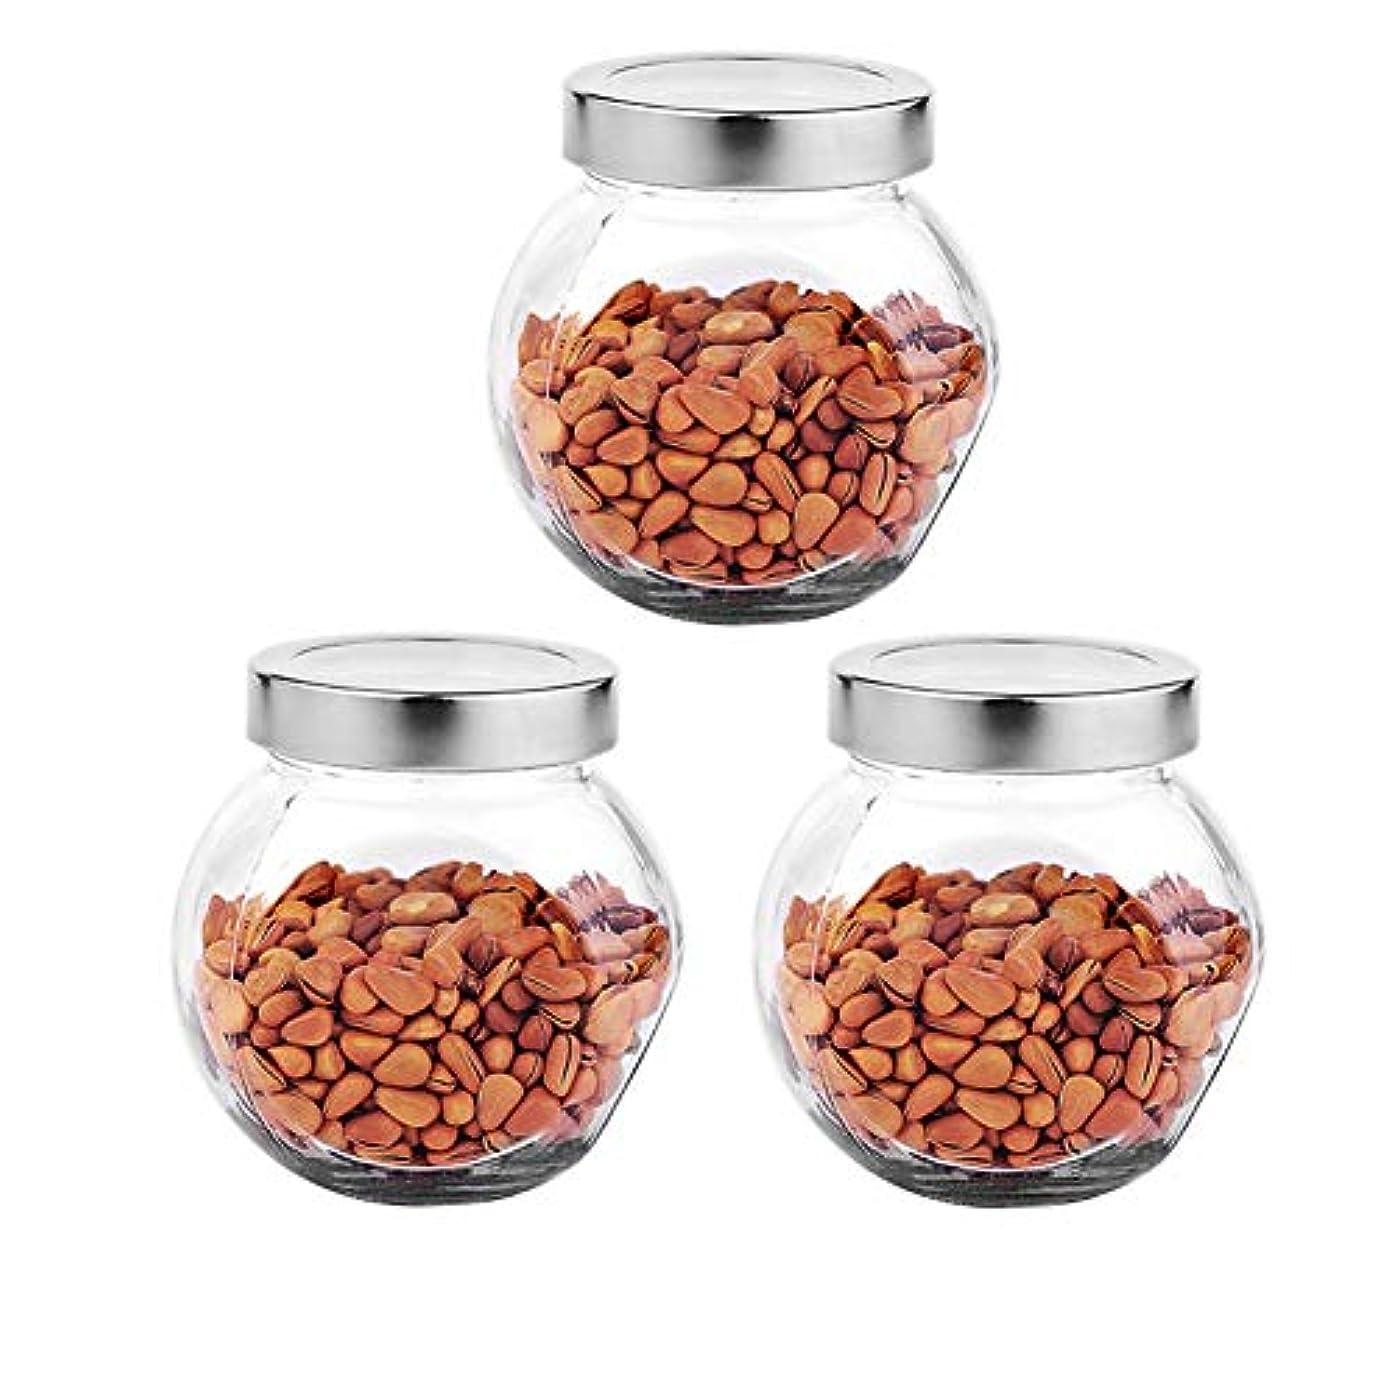 ディスク信頼できる相続人3つの透明ガラス貯蔵容器茶/季節密封缶の貯蔵ジャーパック(450 ml)